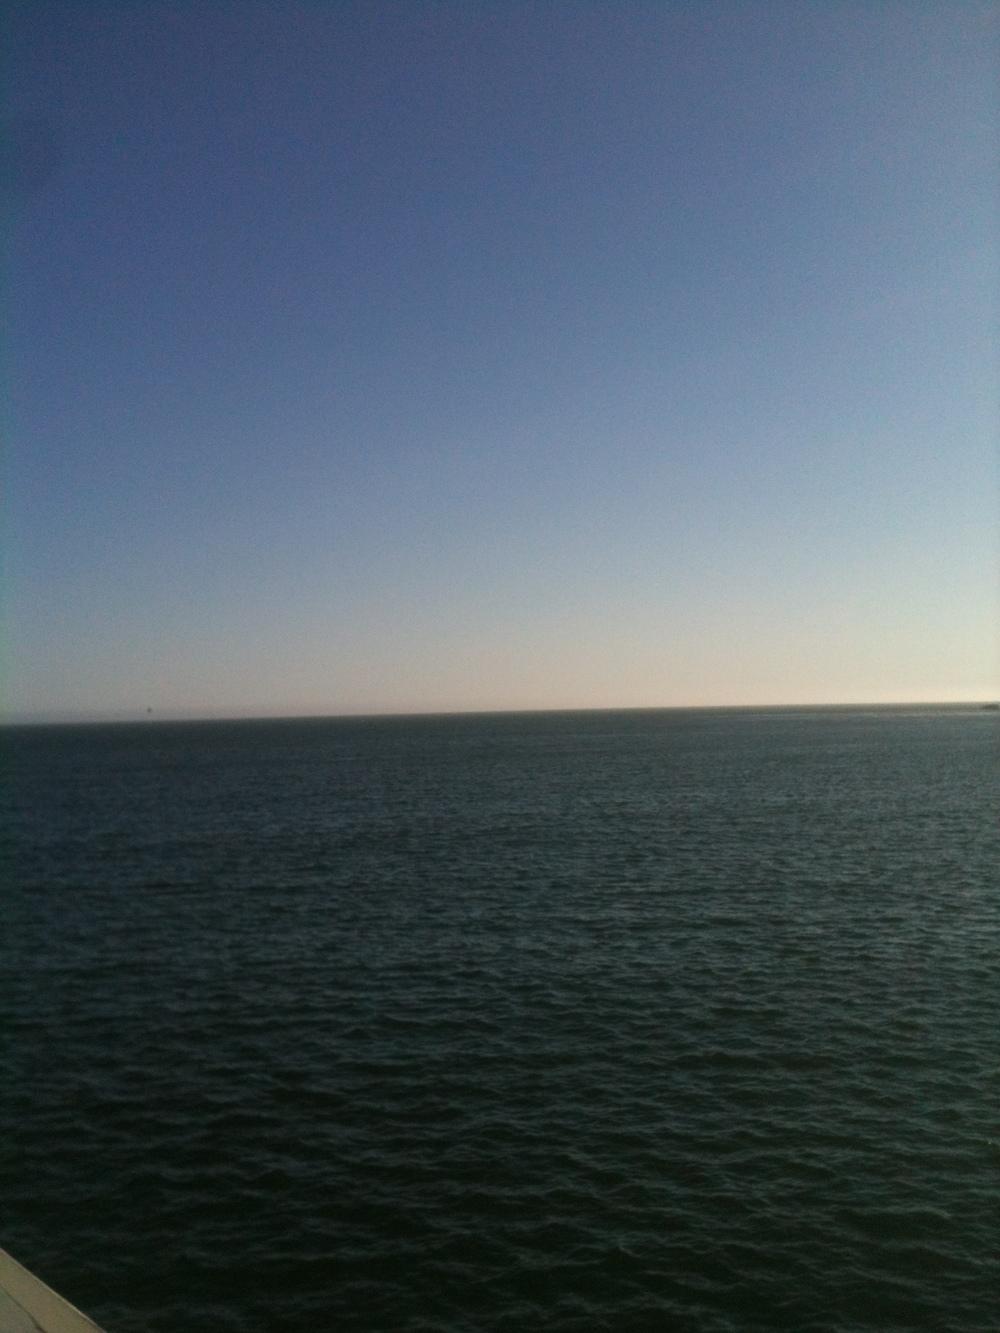 the sea meets the sky - santa cruz